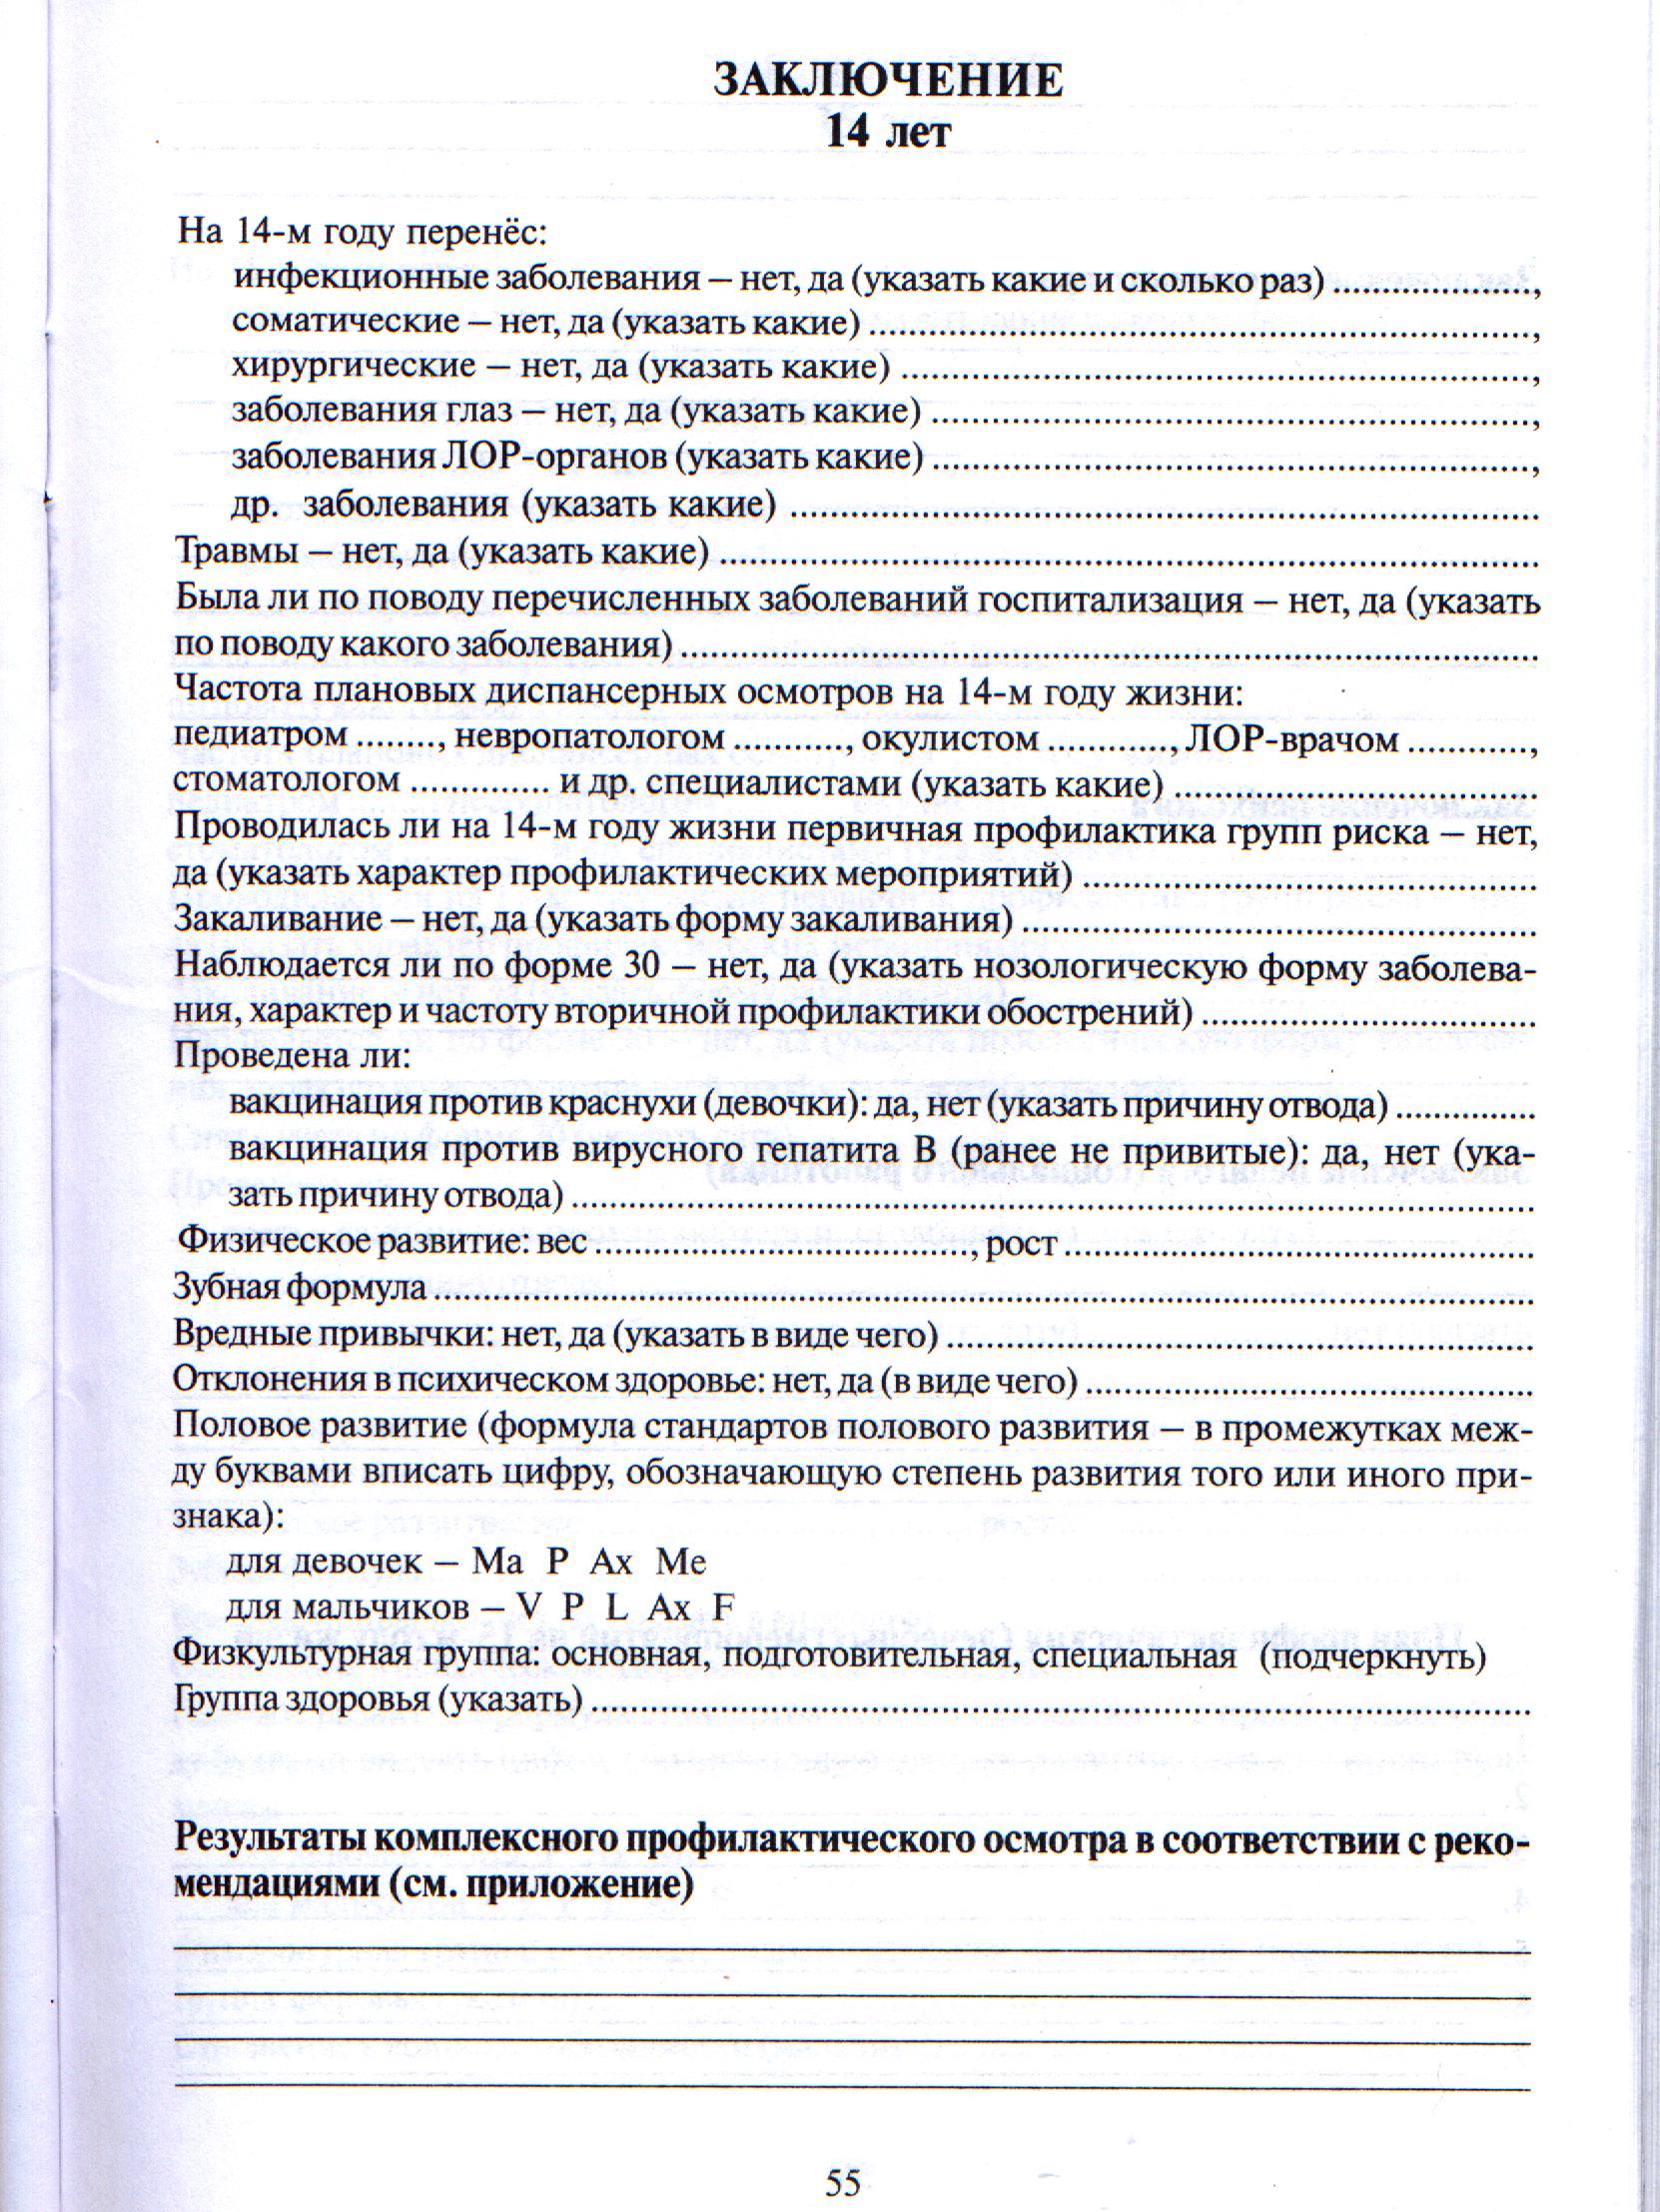 Паспорт здоровья работника 302н (порядок выдачи и хранения)